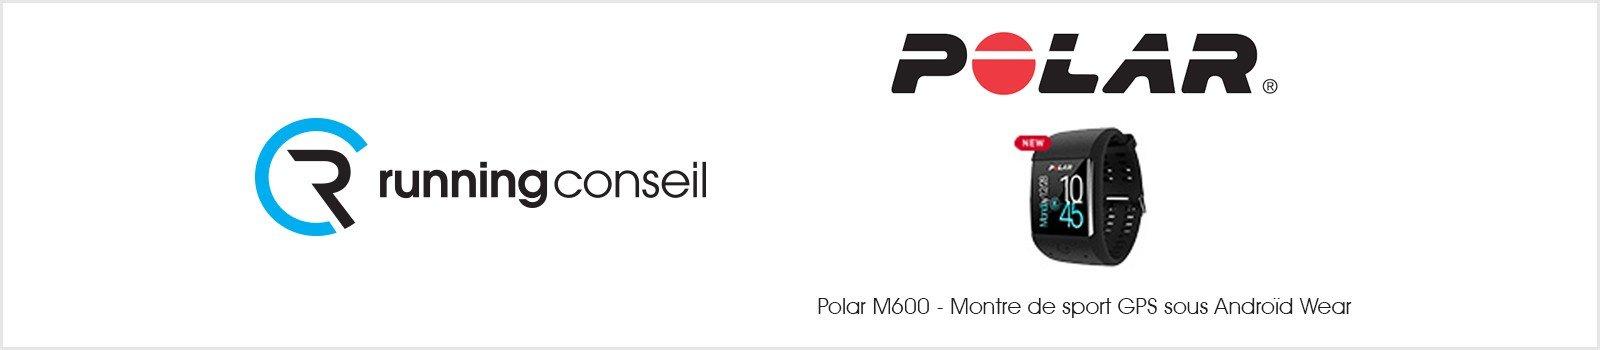 Polar M600 - Montre de sport GPS sous Androïd Wear